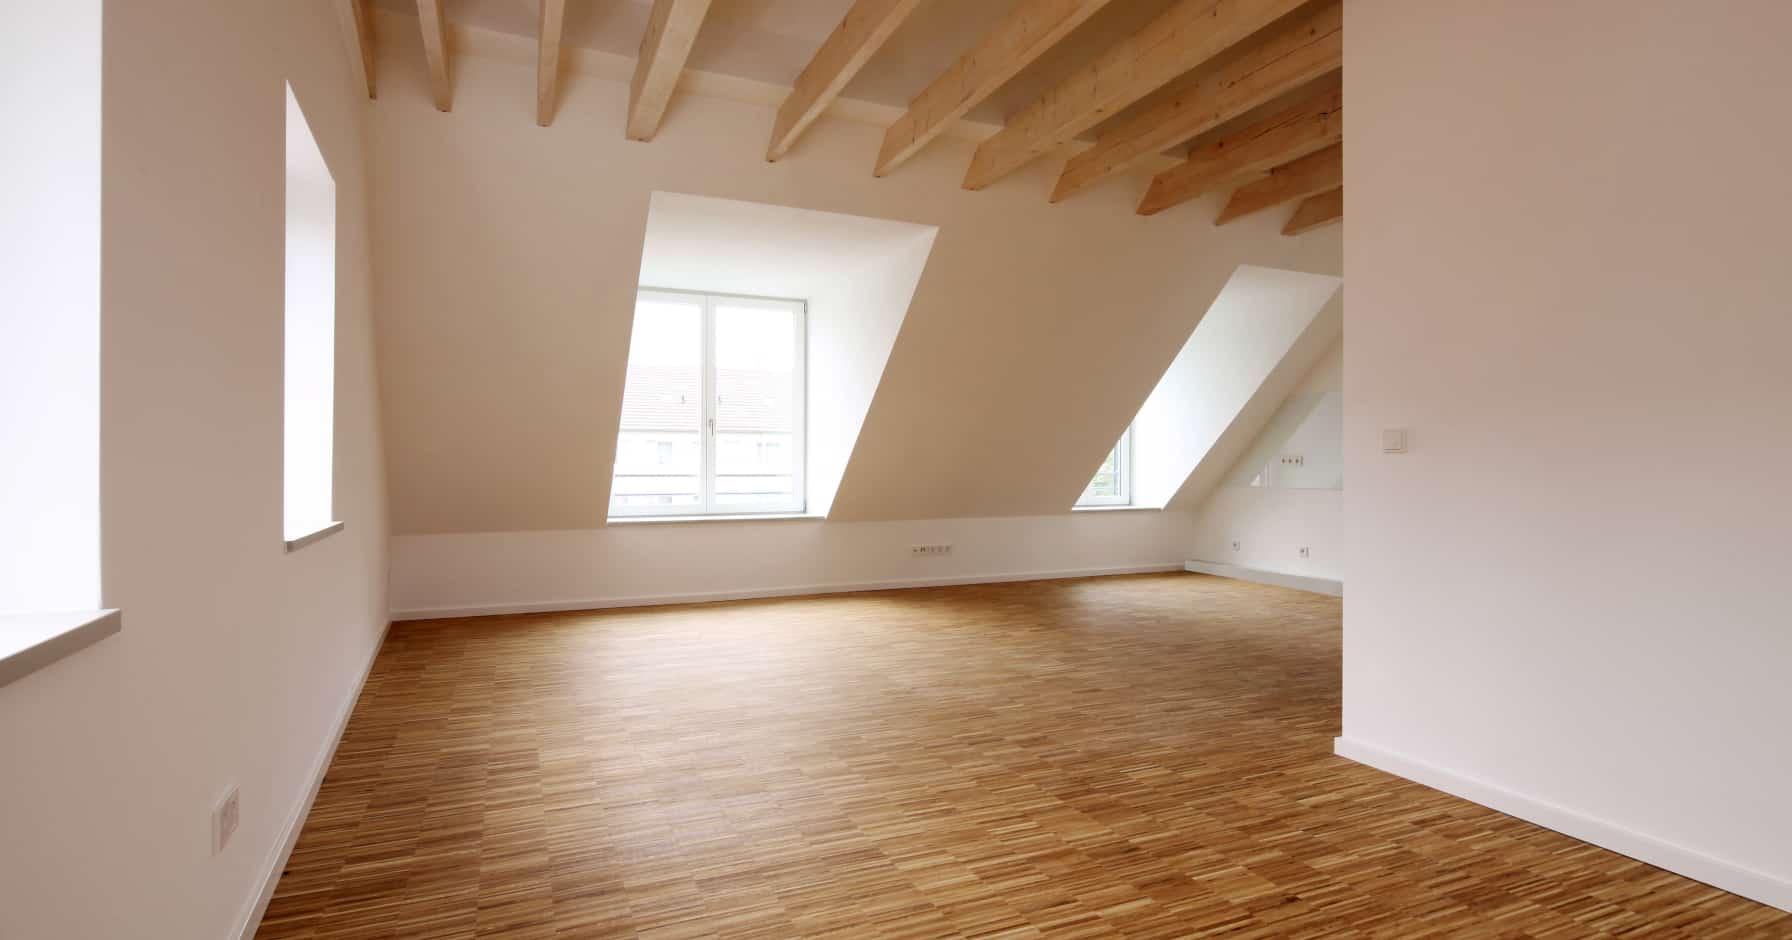 wohnung kaufen was sie wissen sollten. Black Bedroom Furniture Sets. Home Design Ideas